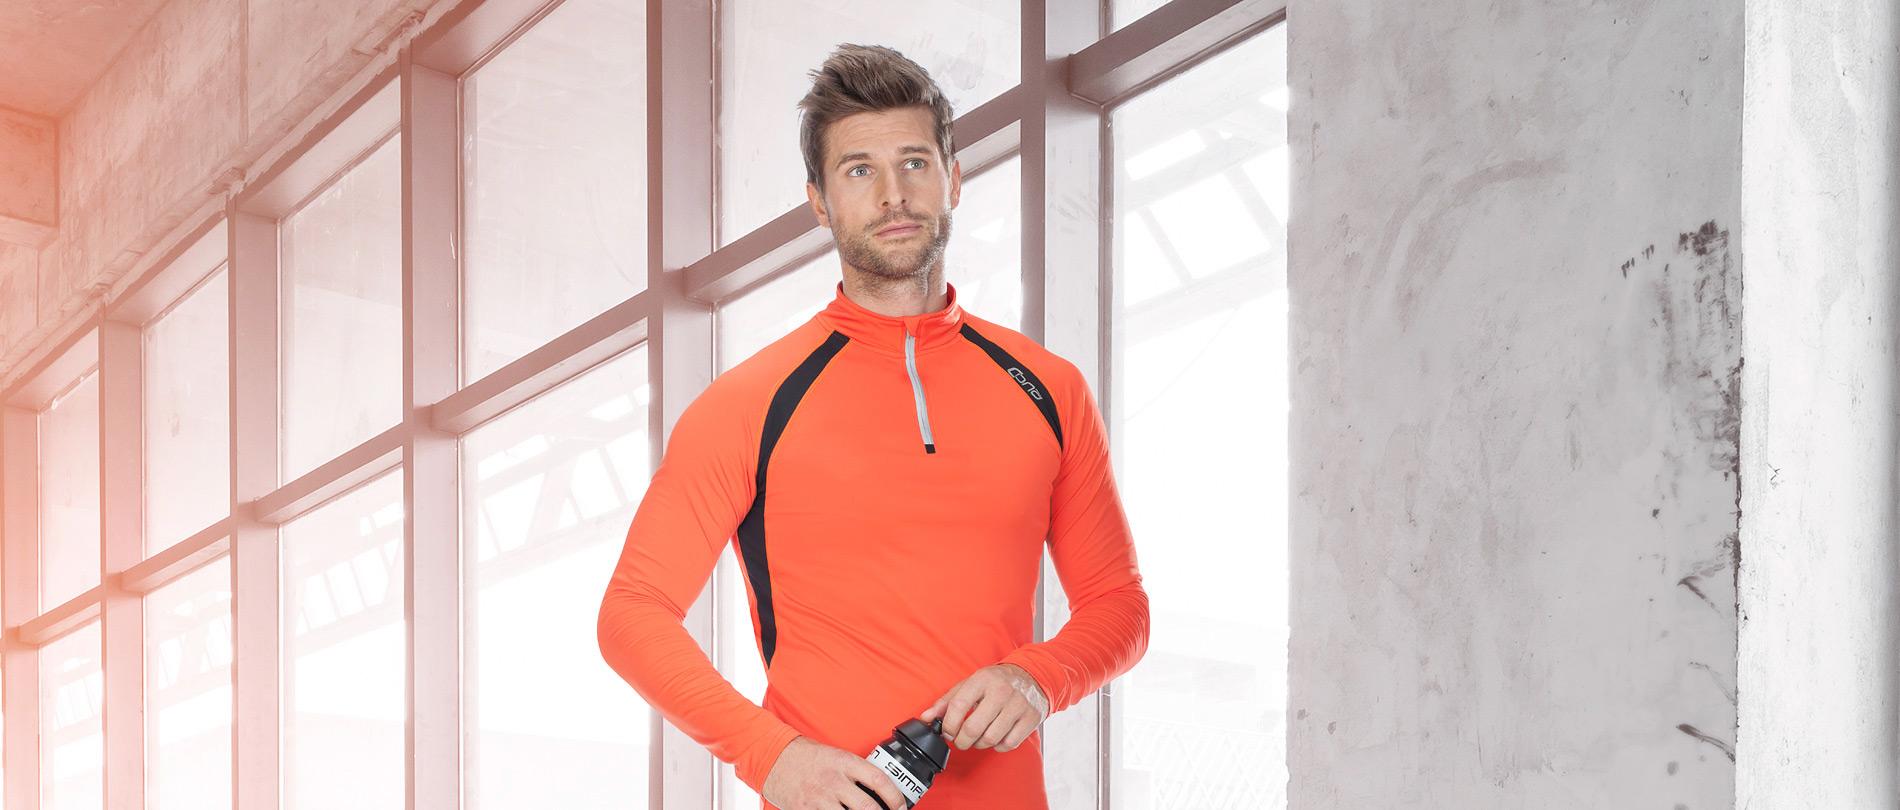 slider sportswear 2 - Startseite